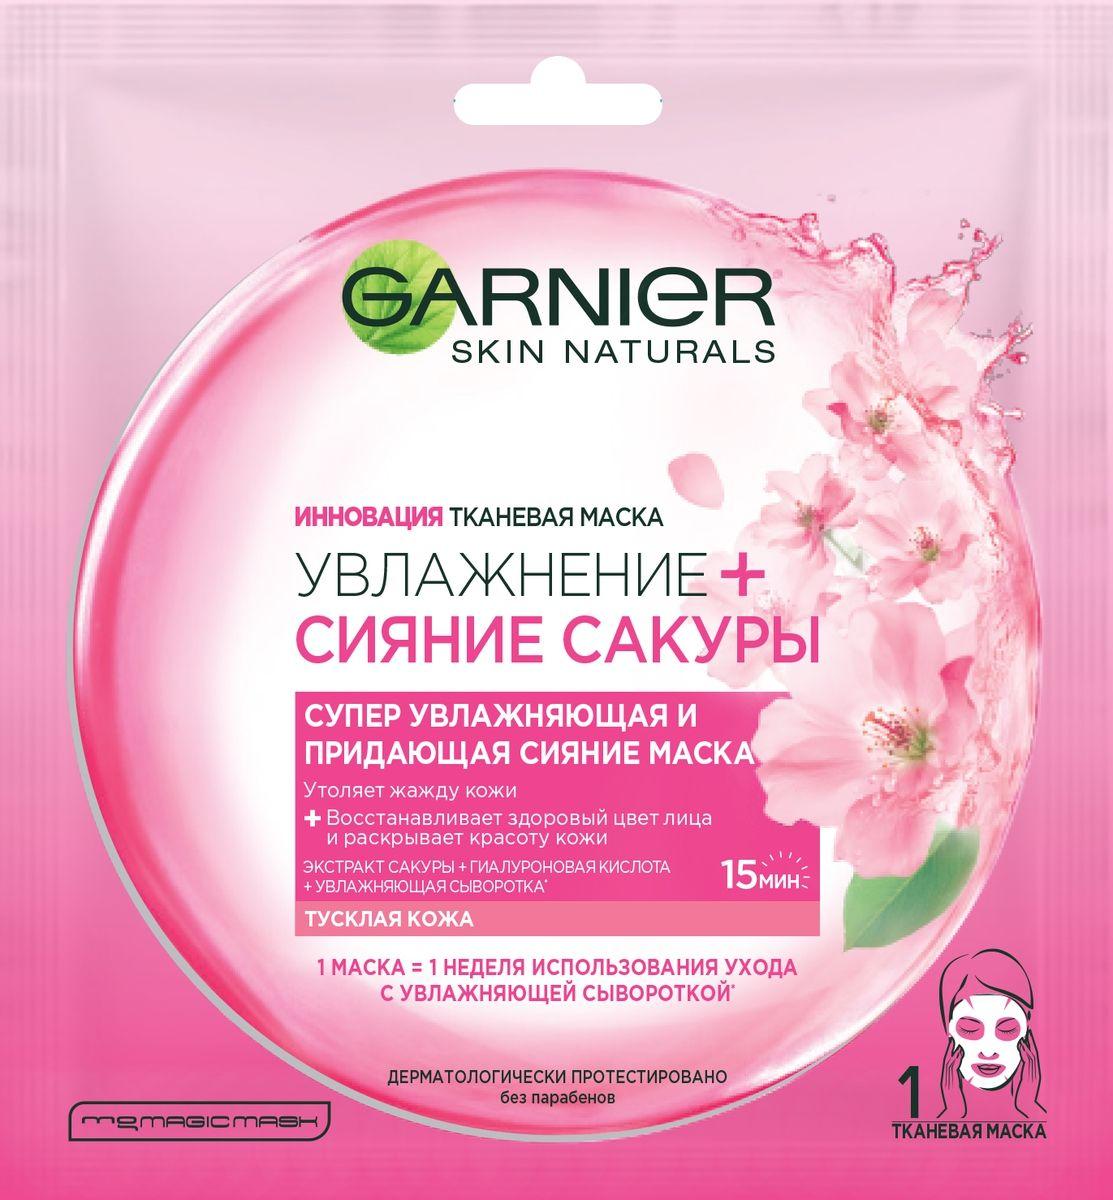 Garnier Тканевая маска Увлажнение + Сияние Сакуры, супер увлажняющая и придающая сияние, для тусклой кожи, 32 гр770255Инновационная тканевая маска пропитана гелем, обогащенным экстрактом сакуры, гиалуроновой кислотой и увлажняющей сывороткой. Нанесенная на лицо, маска действует как компресс, раскрывающий красоту Вашей кожи и увлажняющий глубокие слои кожи, придавая ей здоровое сияние. Тканевая маска мгновенно увлажняет Вашу кожу и дарит ощущение комфорта, как после массажа. Это настоящий момент заботы о себе и своей коже. Подходит для всех типов кожи, даже чувствительной. 1 маска = 1 неделя использования ухода увлажняющей сывороткой.